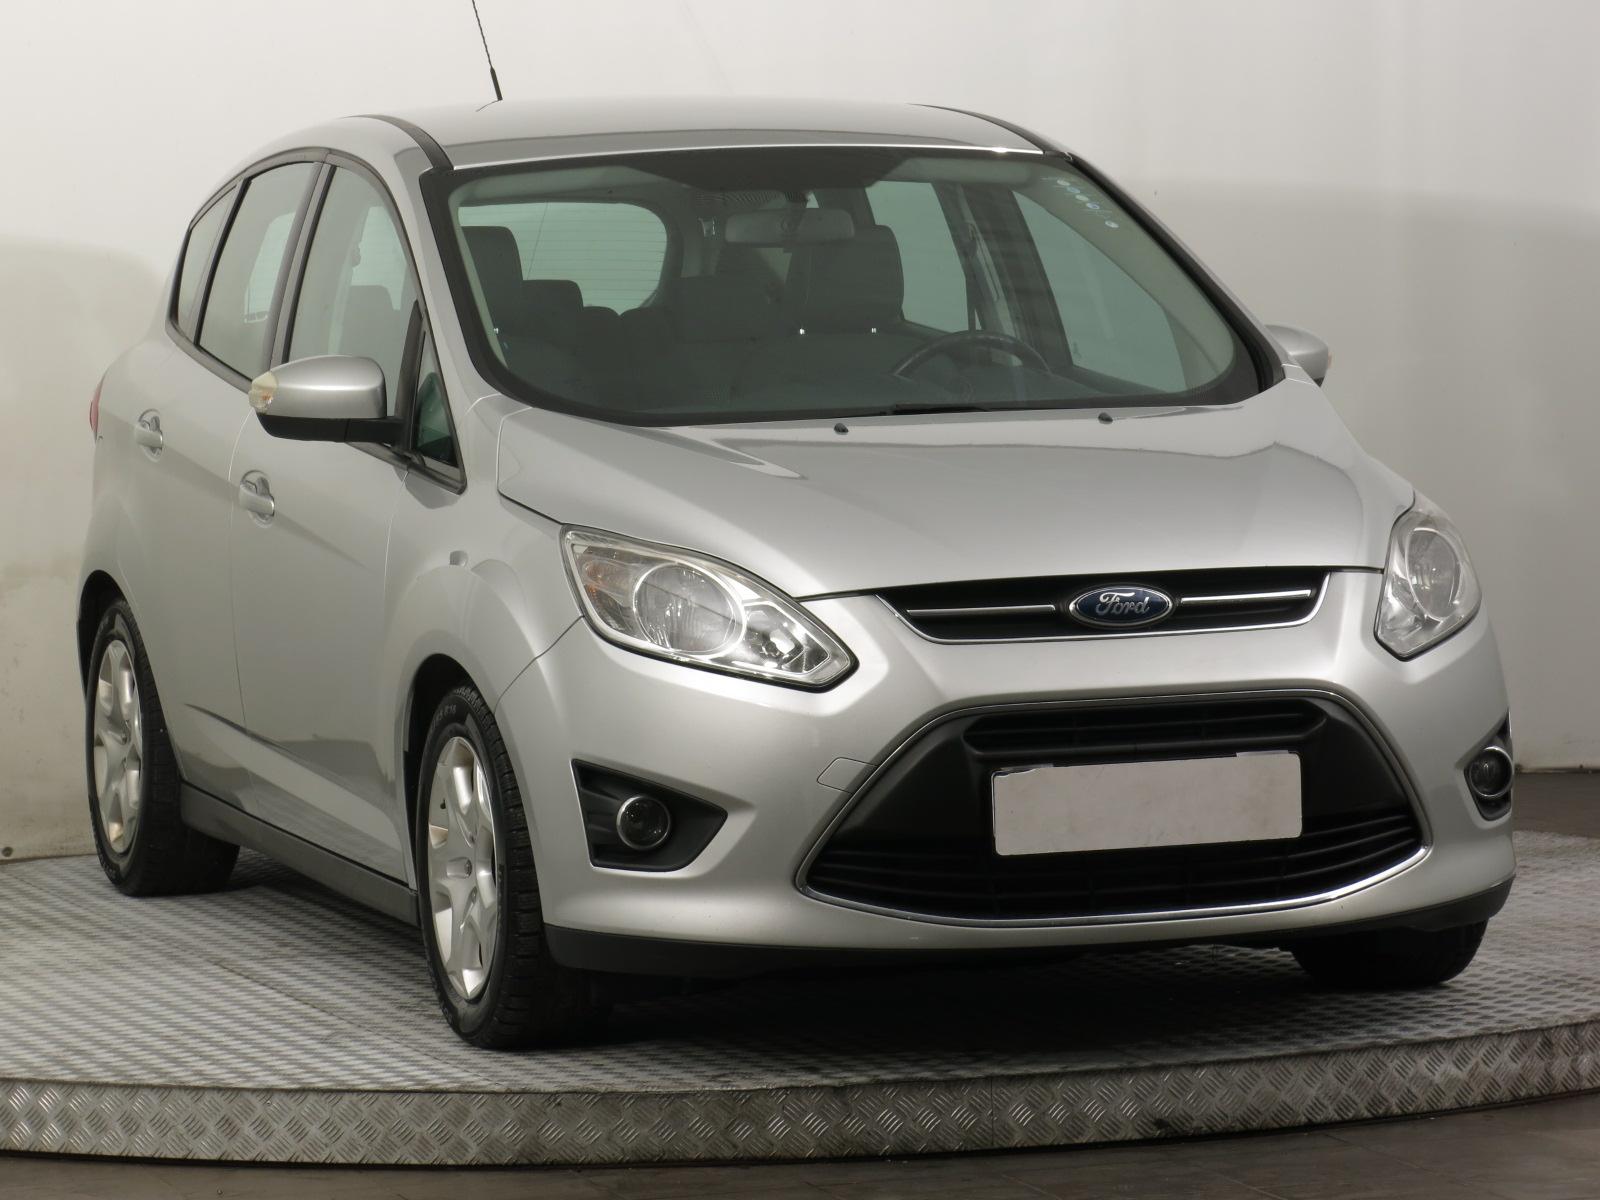 Ford Focus c-max, 2012